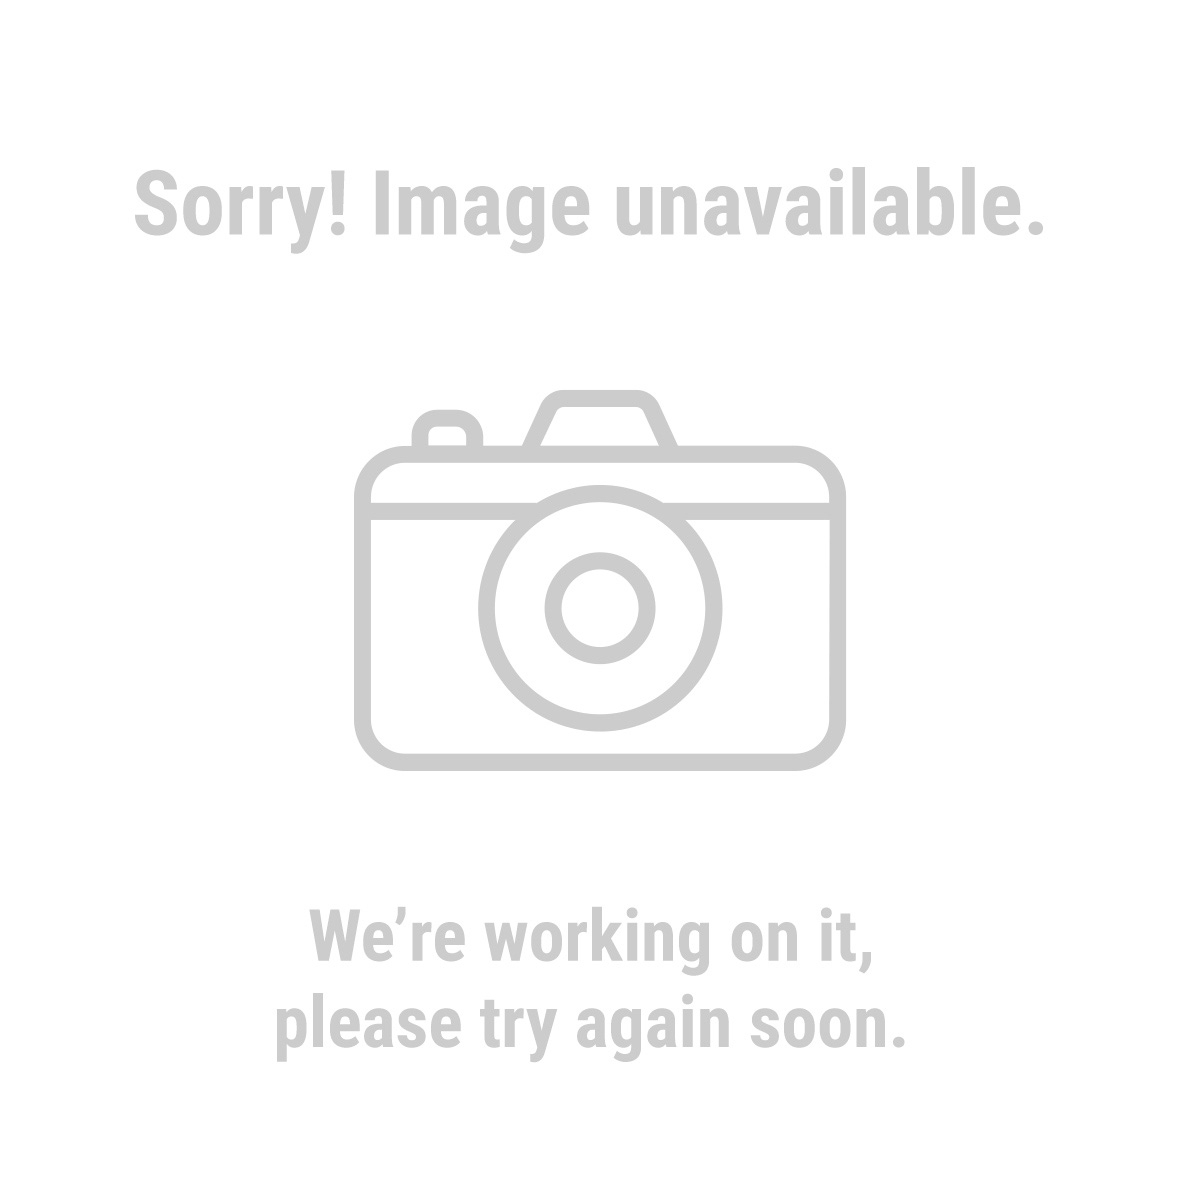 """Haul-Master® 44143 4.8"""" x 8"""" ID Trailer Spare Tire"""